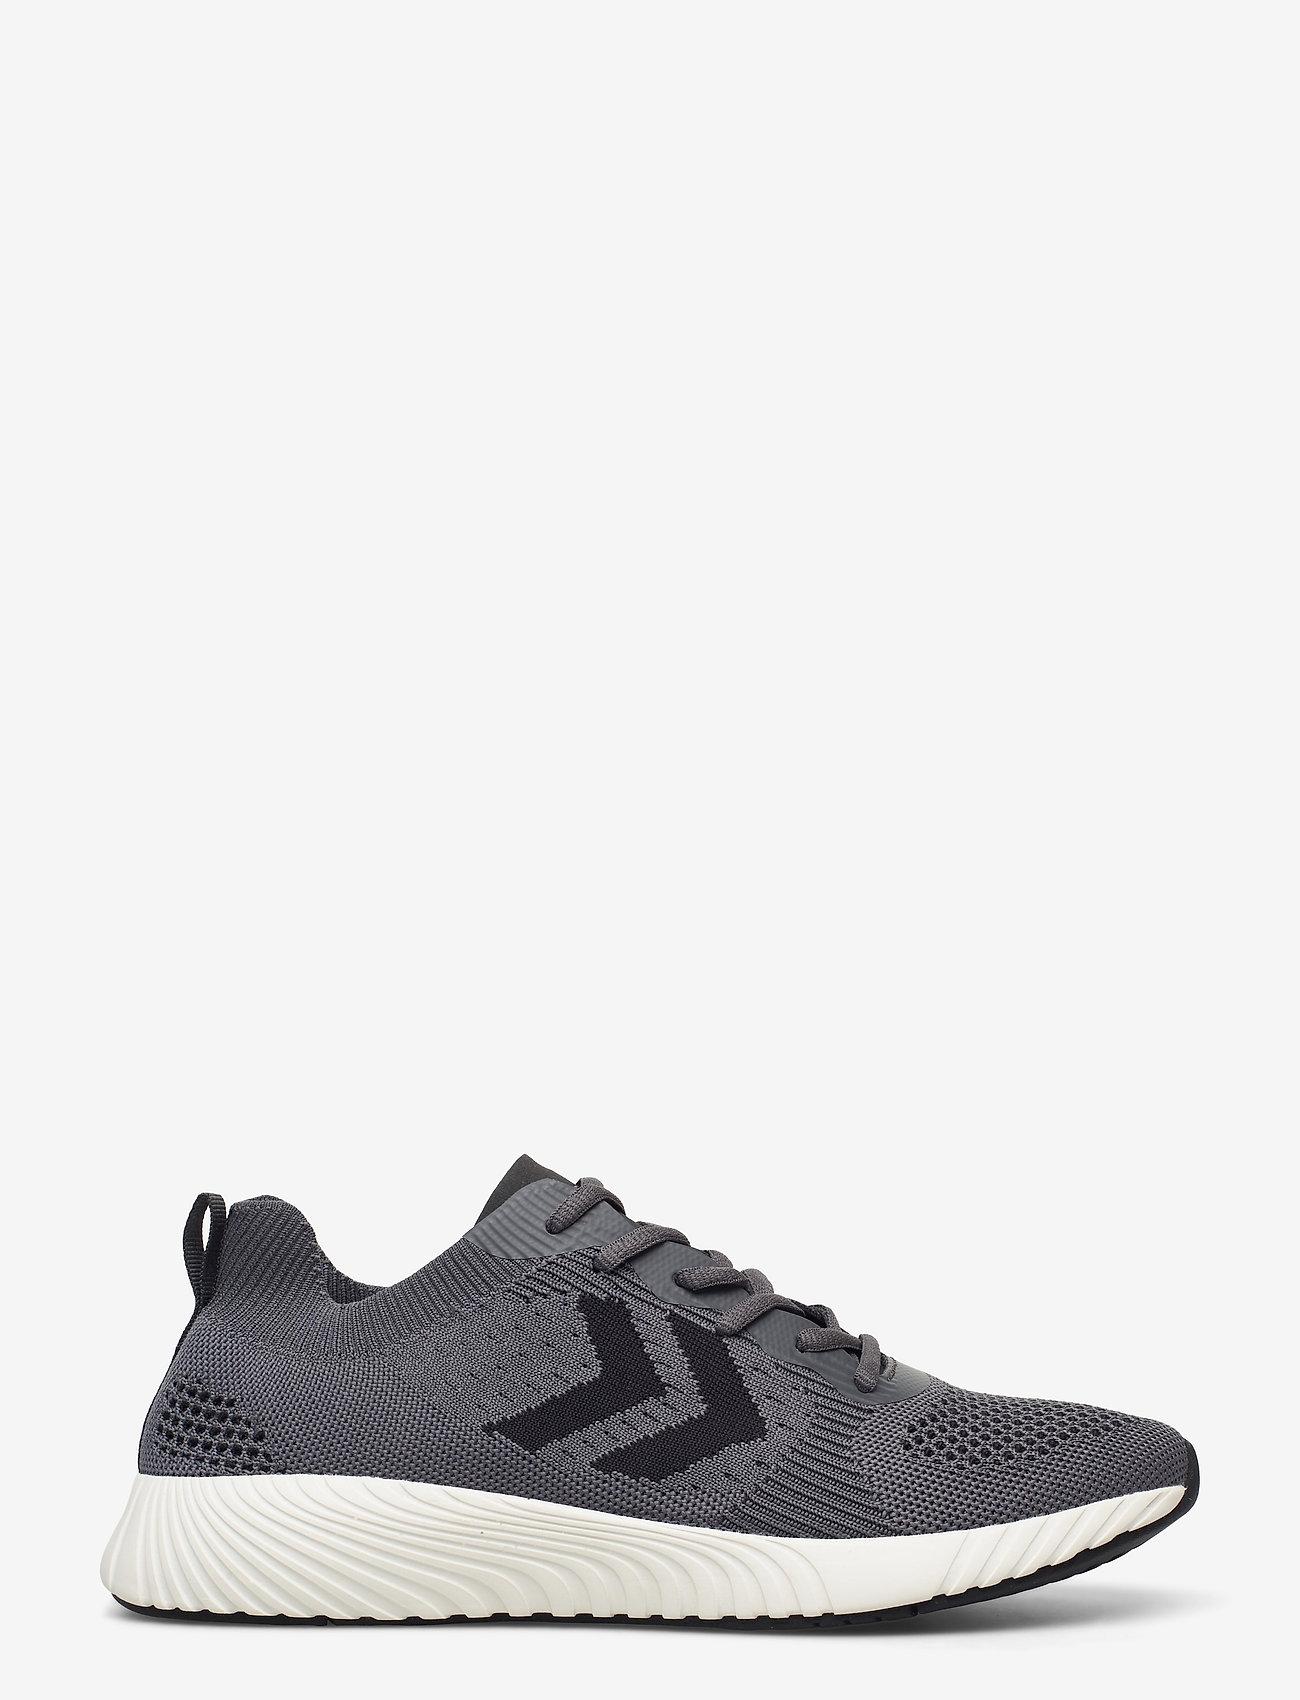 Hummel - TRINITY BREAKER SEAMLESS - laag sneakers - black - 1